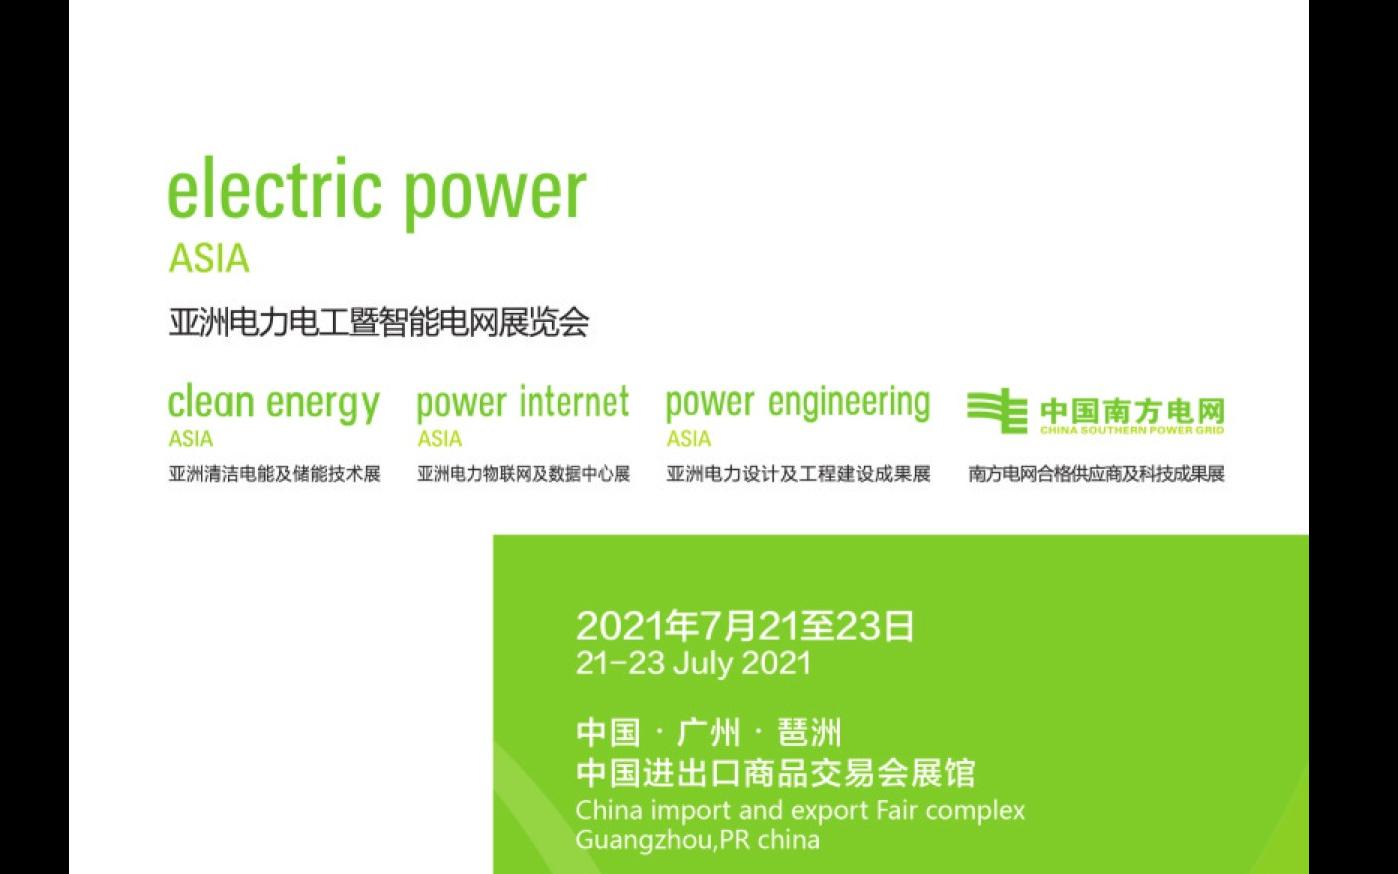 2021第五届亚洲电力电工暨智能电网展览会